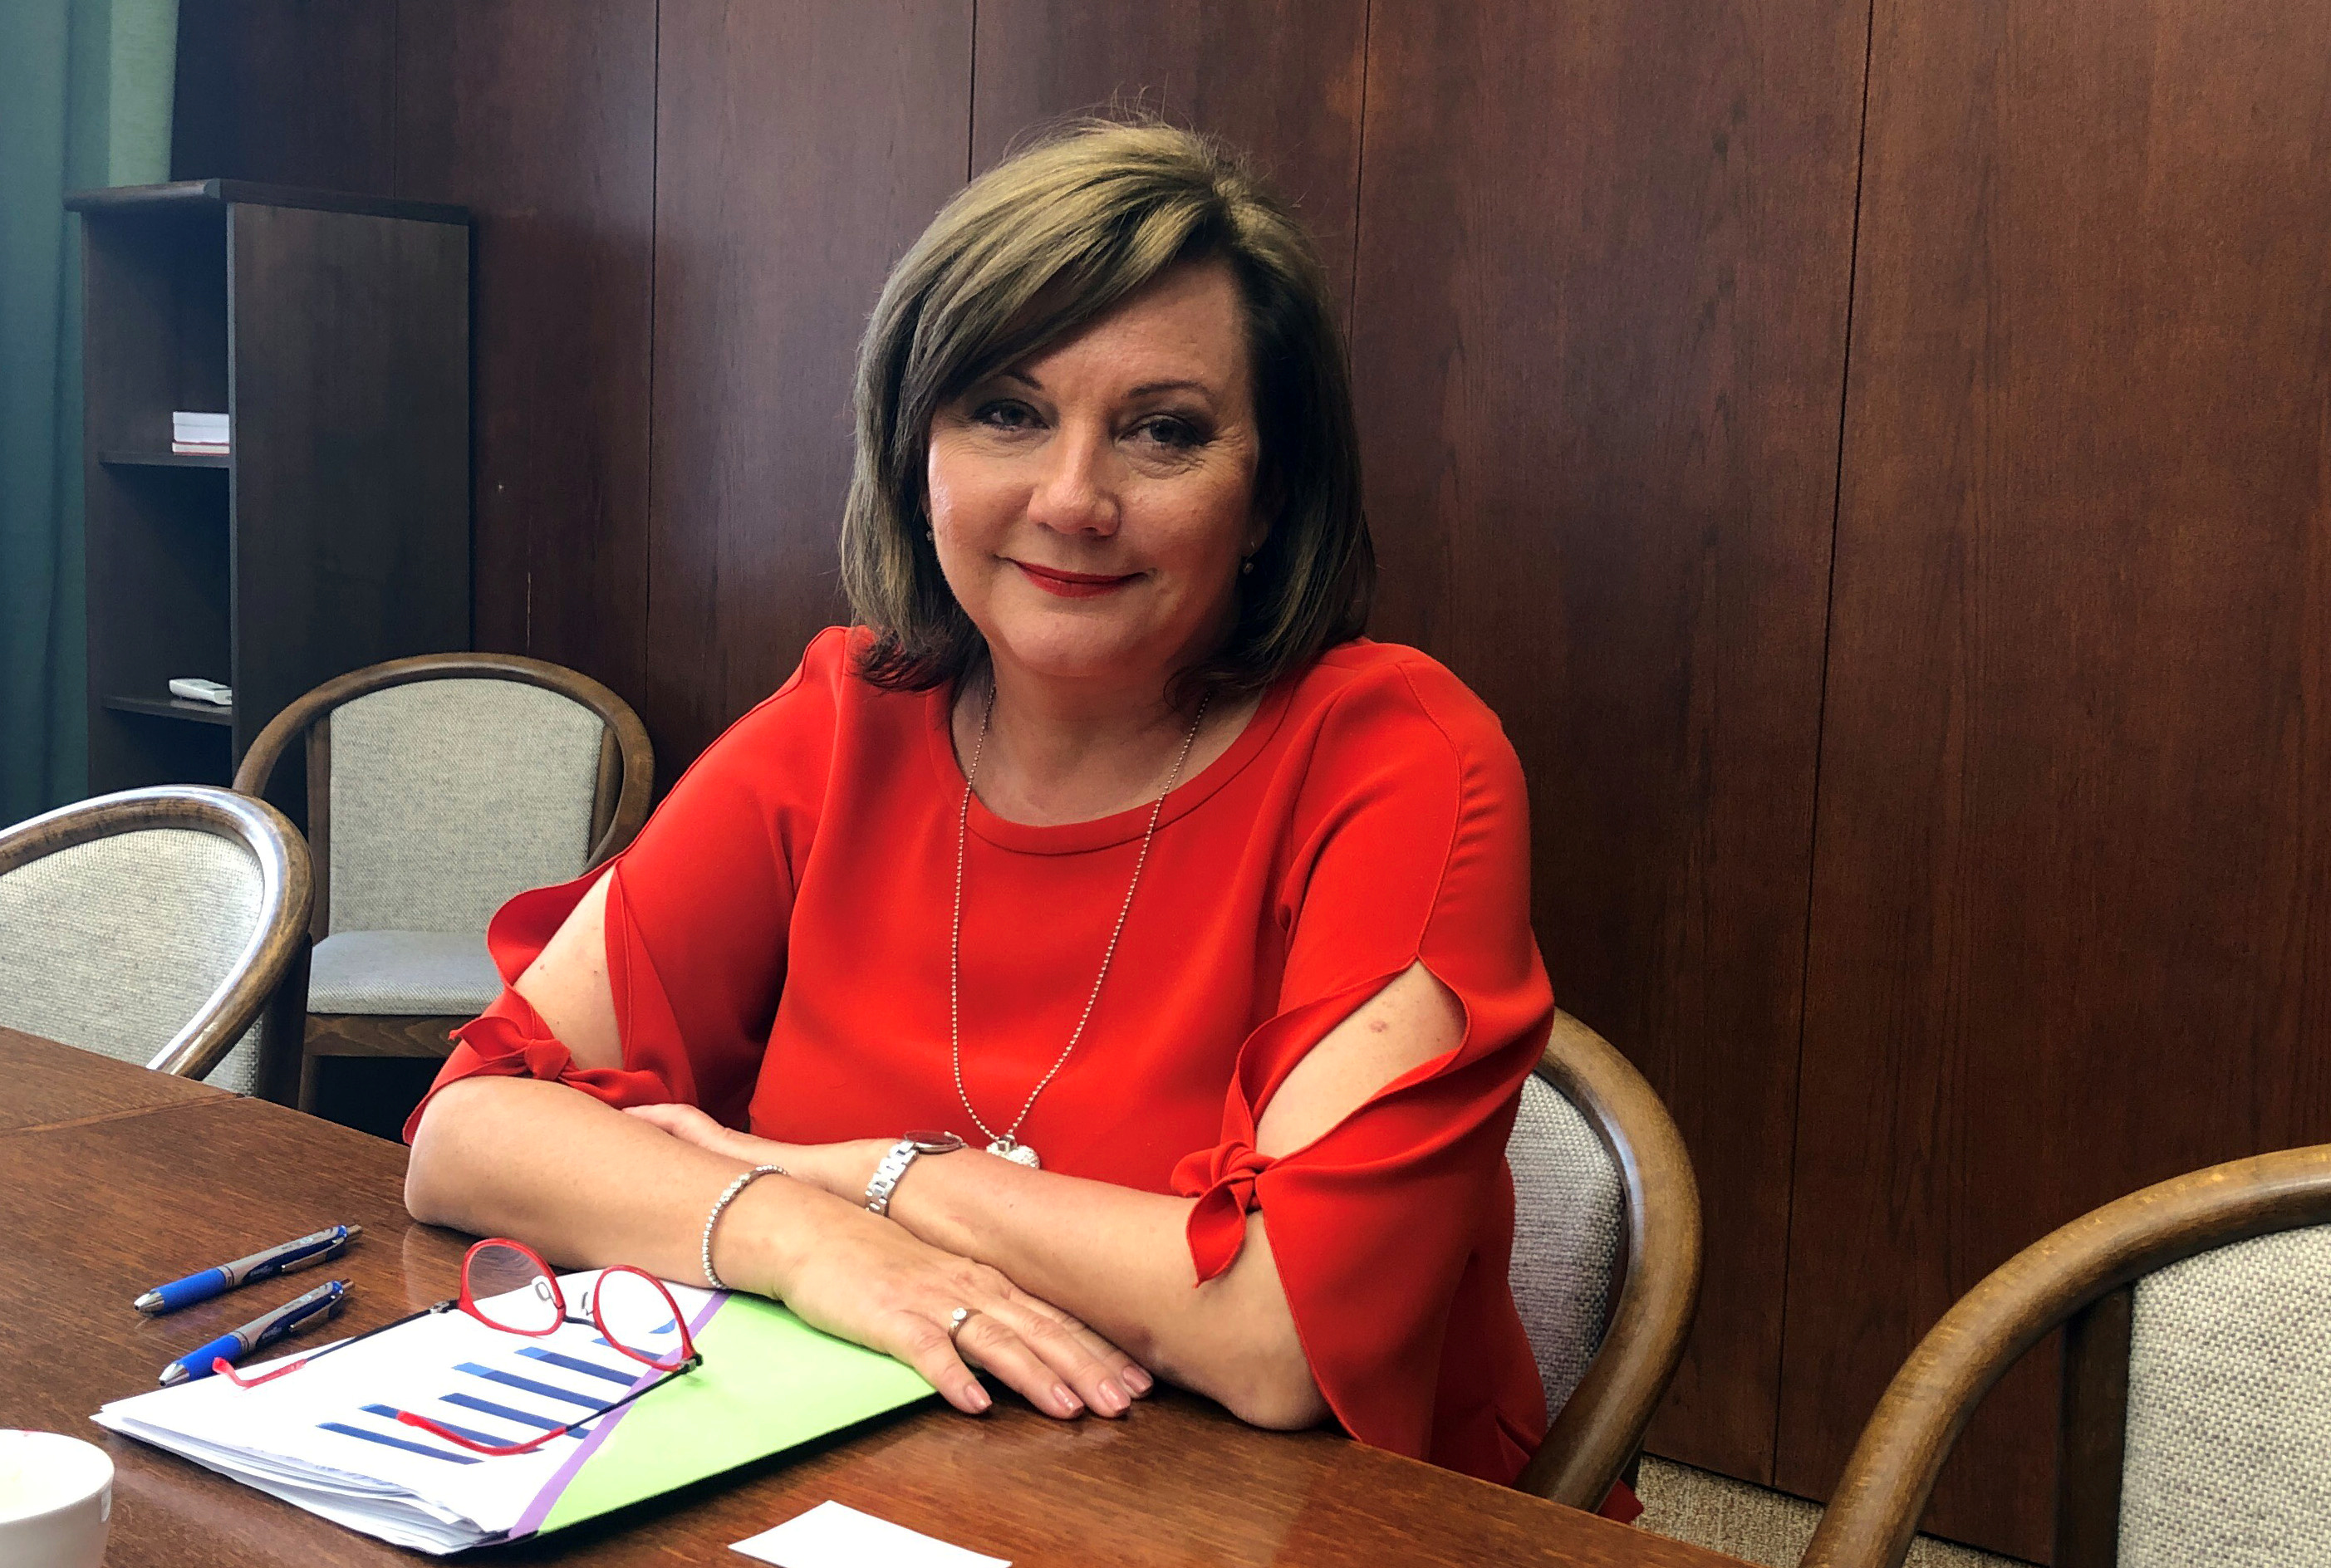 Czech Finance Minister Alena Schillerova attends an interview with Reuters in Prague, Czech Republic, October 11, 2019.   REUTERS/Robert Muller